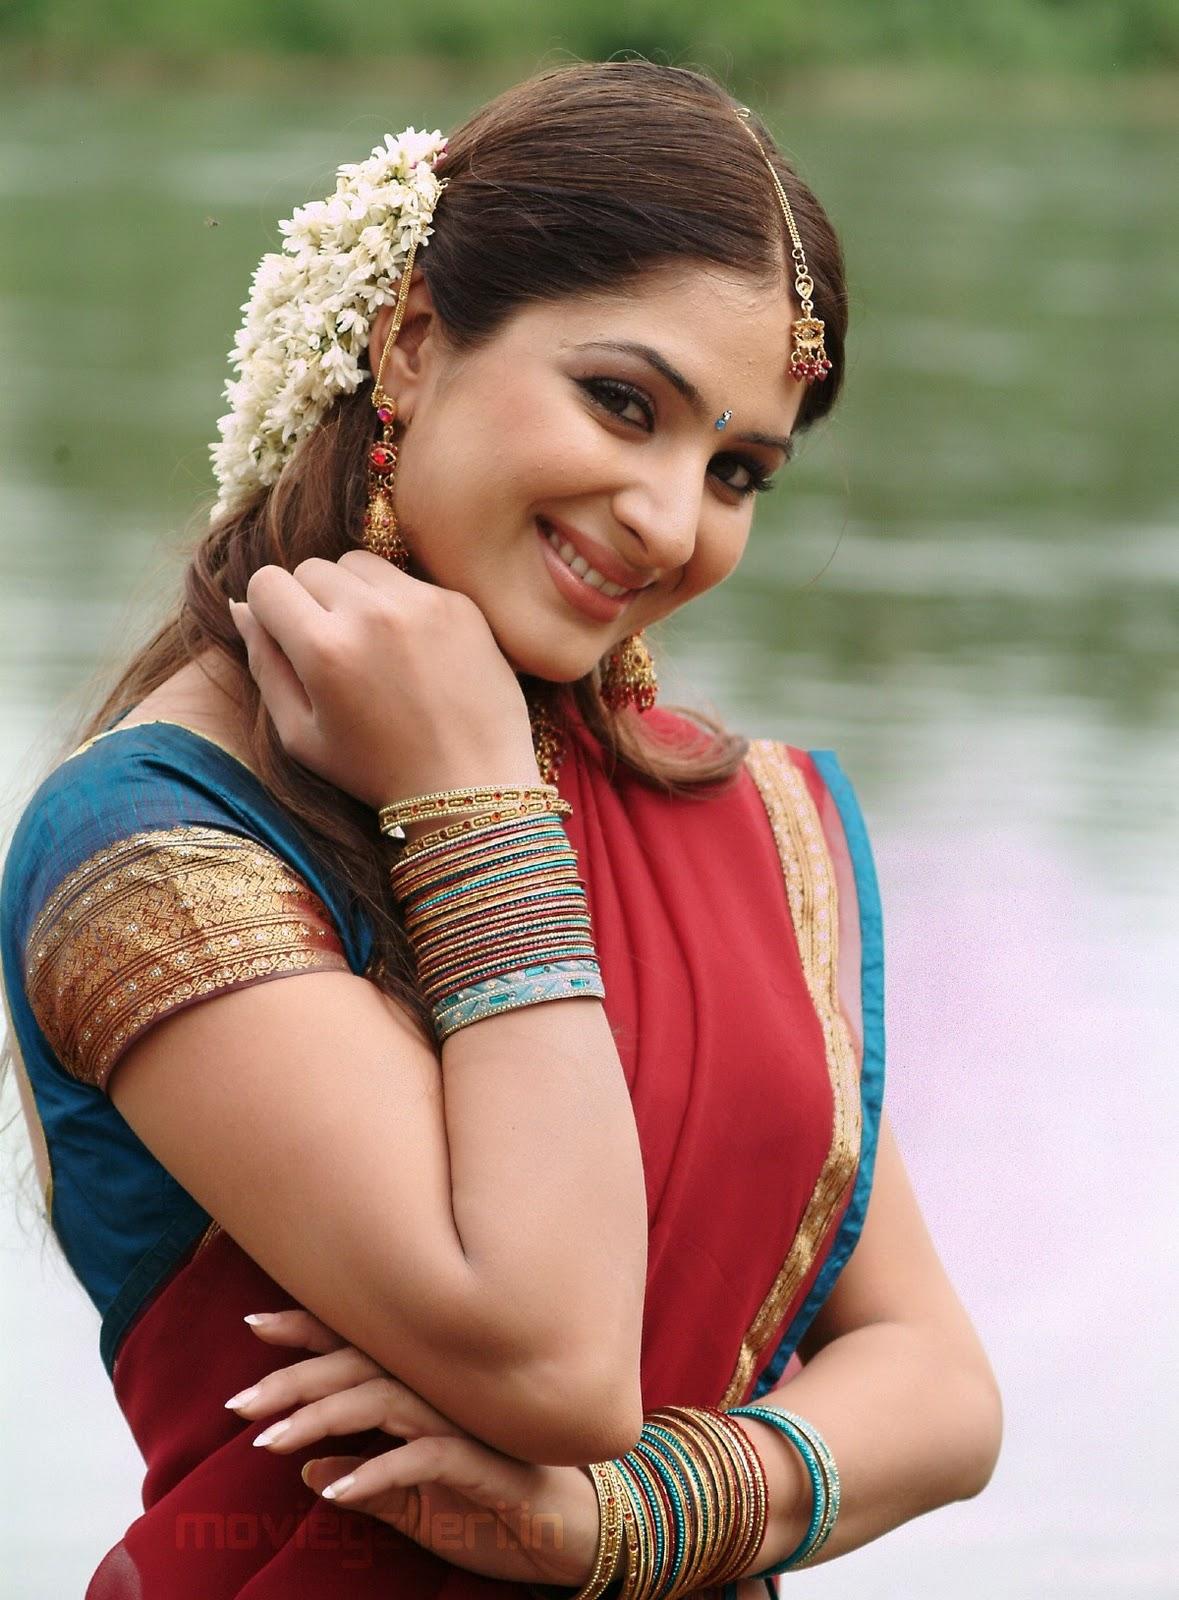 gowri munjal hot in saree pics gowri munjal half saree stills | new